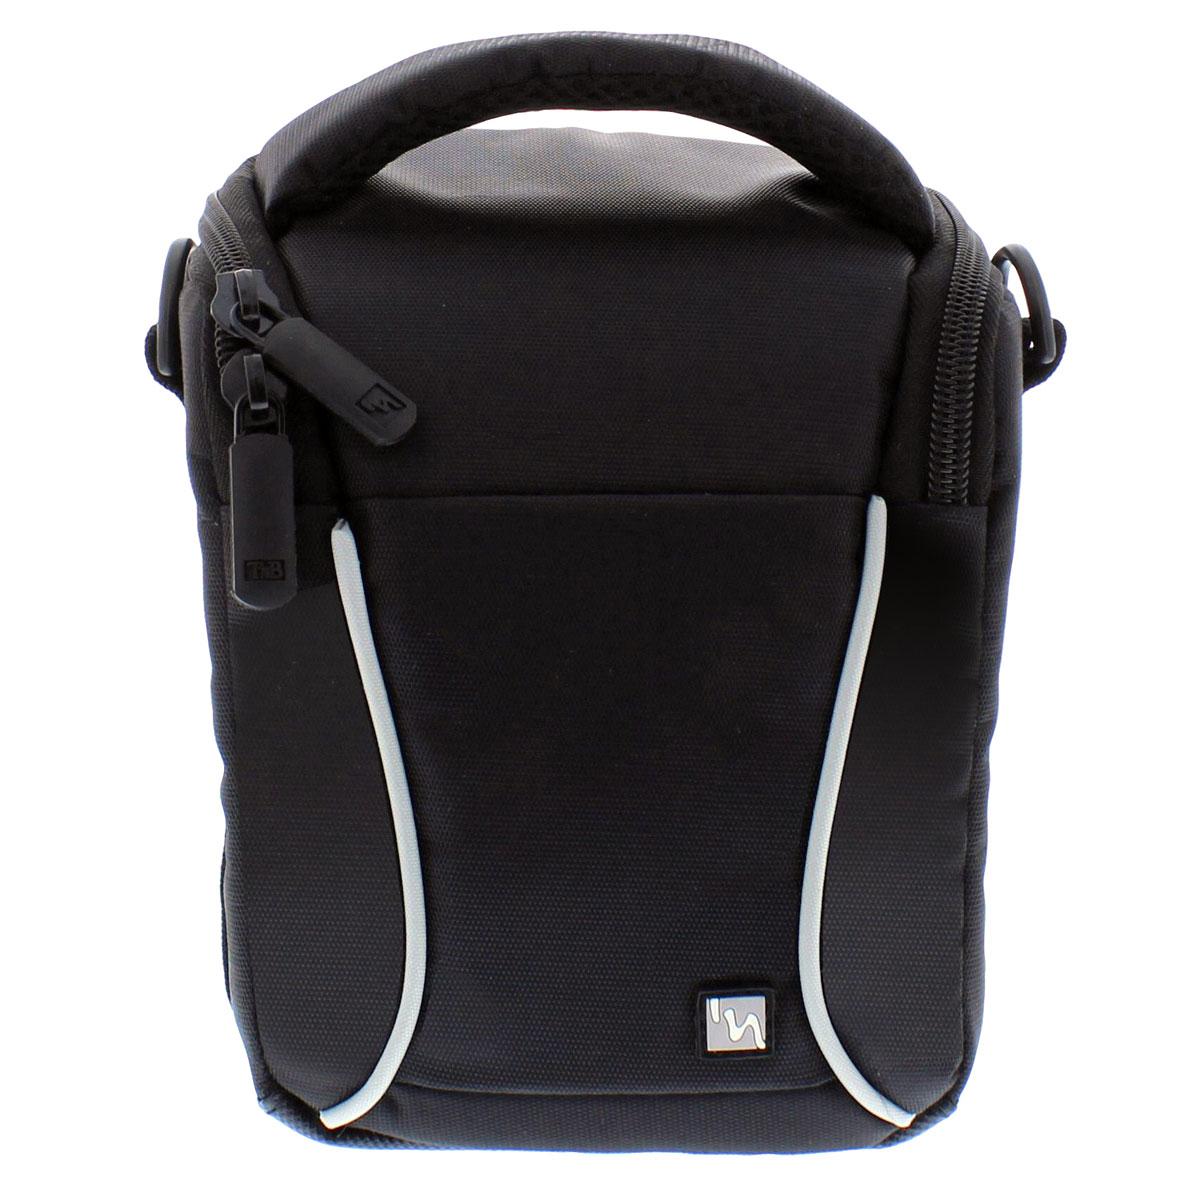 TNB DCCOS1B, Black сумка для фотоаппаратаDCCOS1BНадежная и удобная сумка TNB DCCOS1B для зеркальных фотокамер защитит вашу технику от непогоды и механических повреждений. Изготовлена из водоустойчивого материала. Имеет передний карман для аксессуаров.